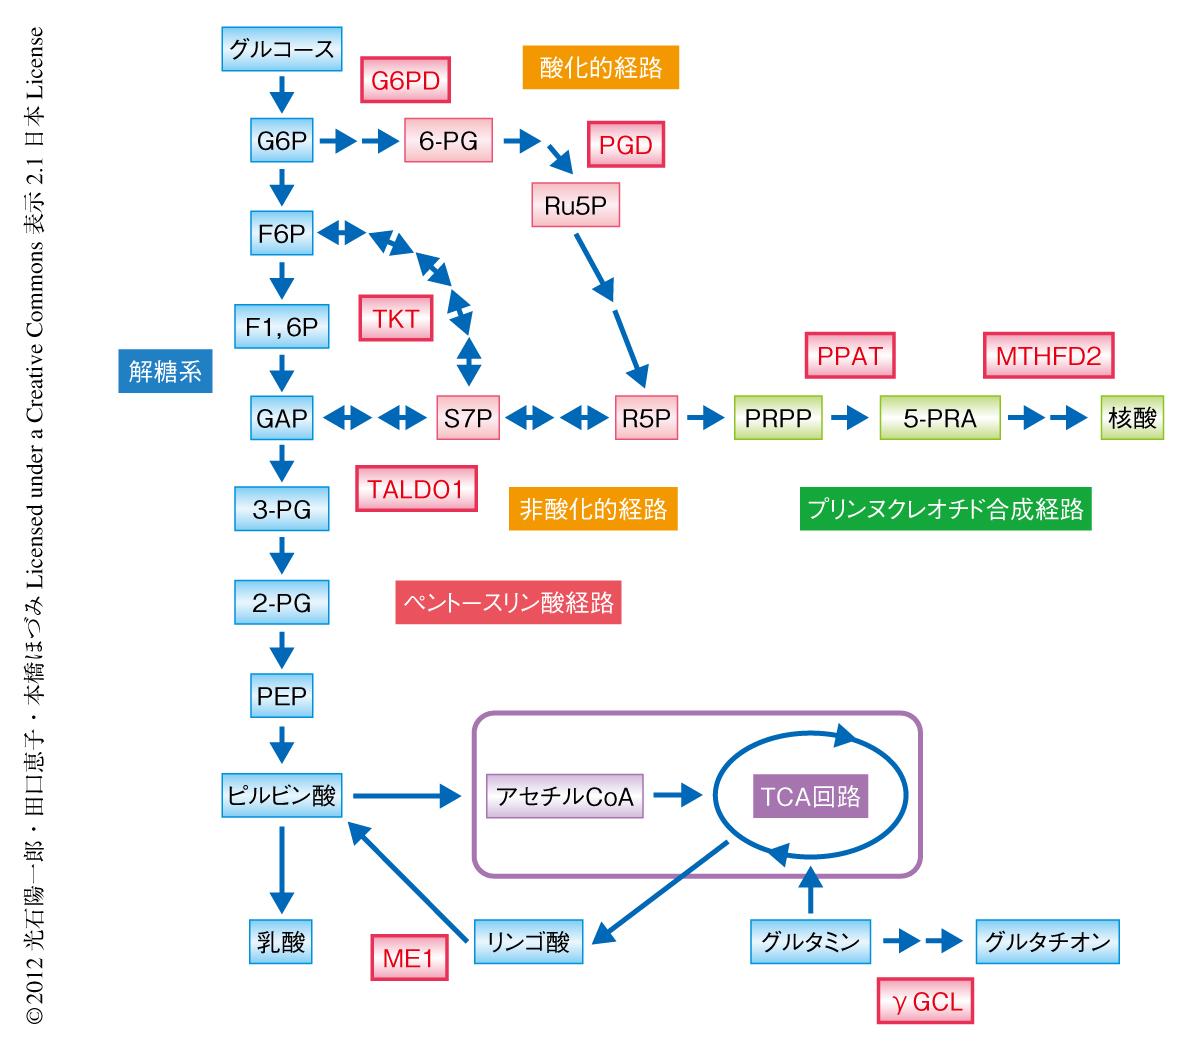 糖尿病におけるペントースリン酸経路の活性化と尿酸値増加の関連